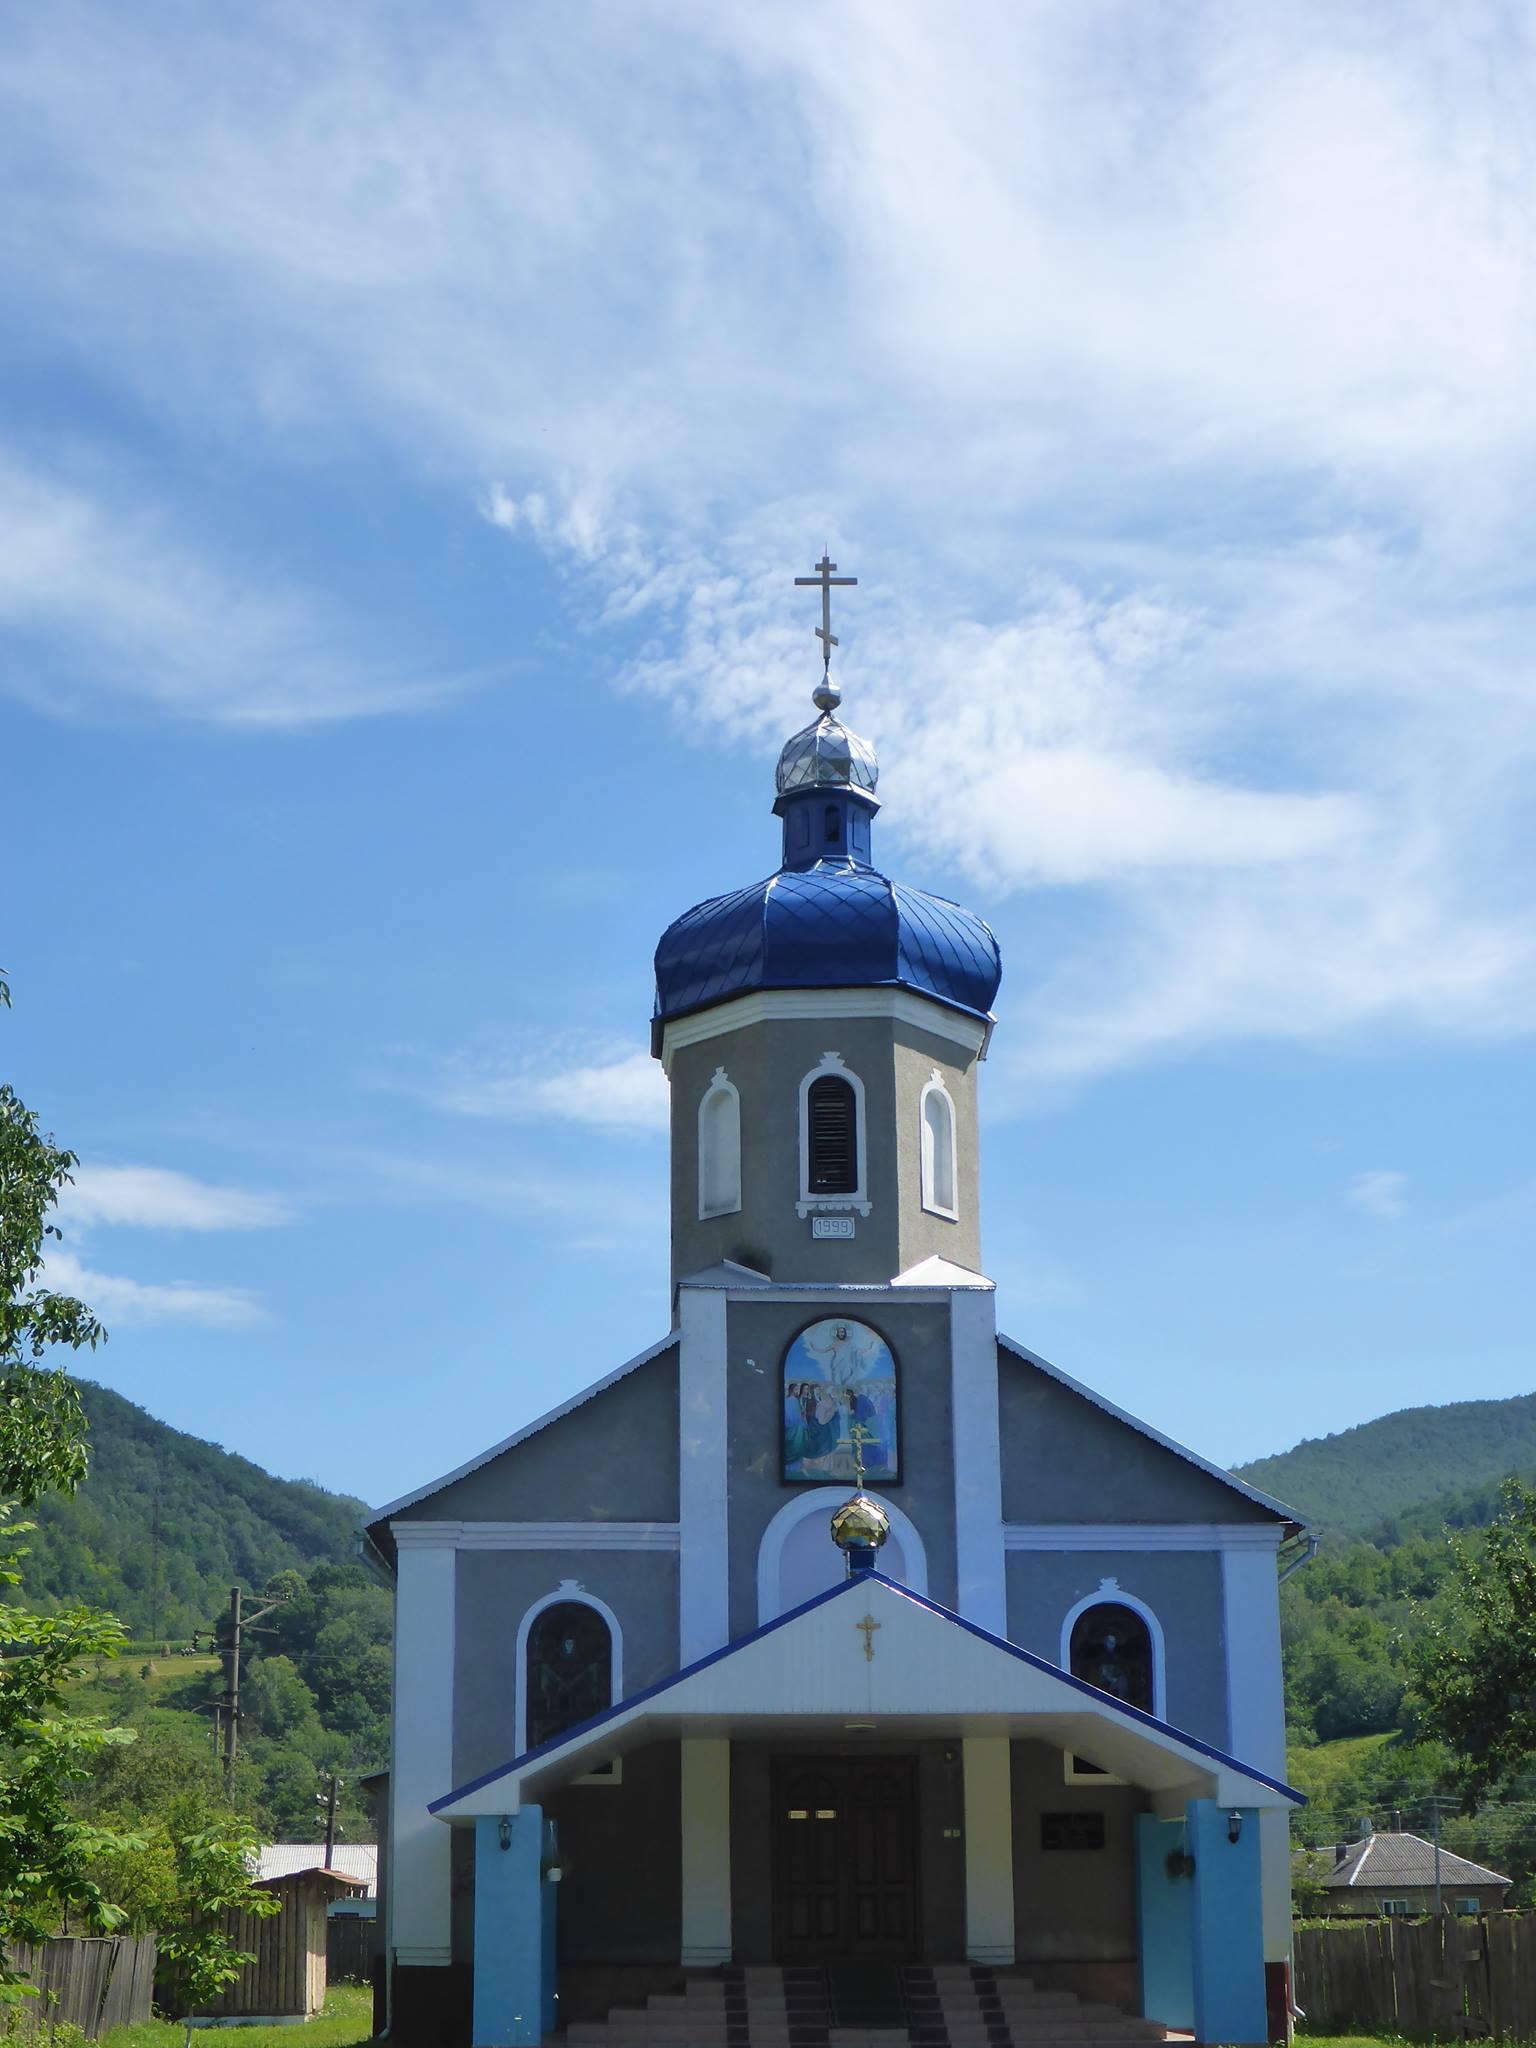 Les églises orthodoxes sont à peu près les seules constructions en bon état